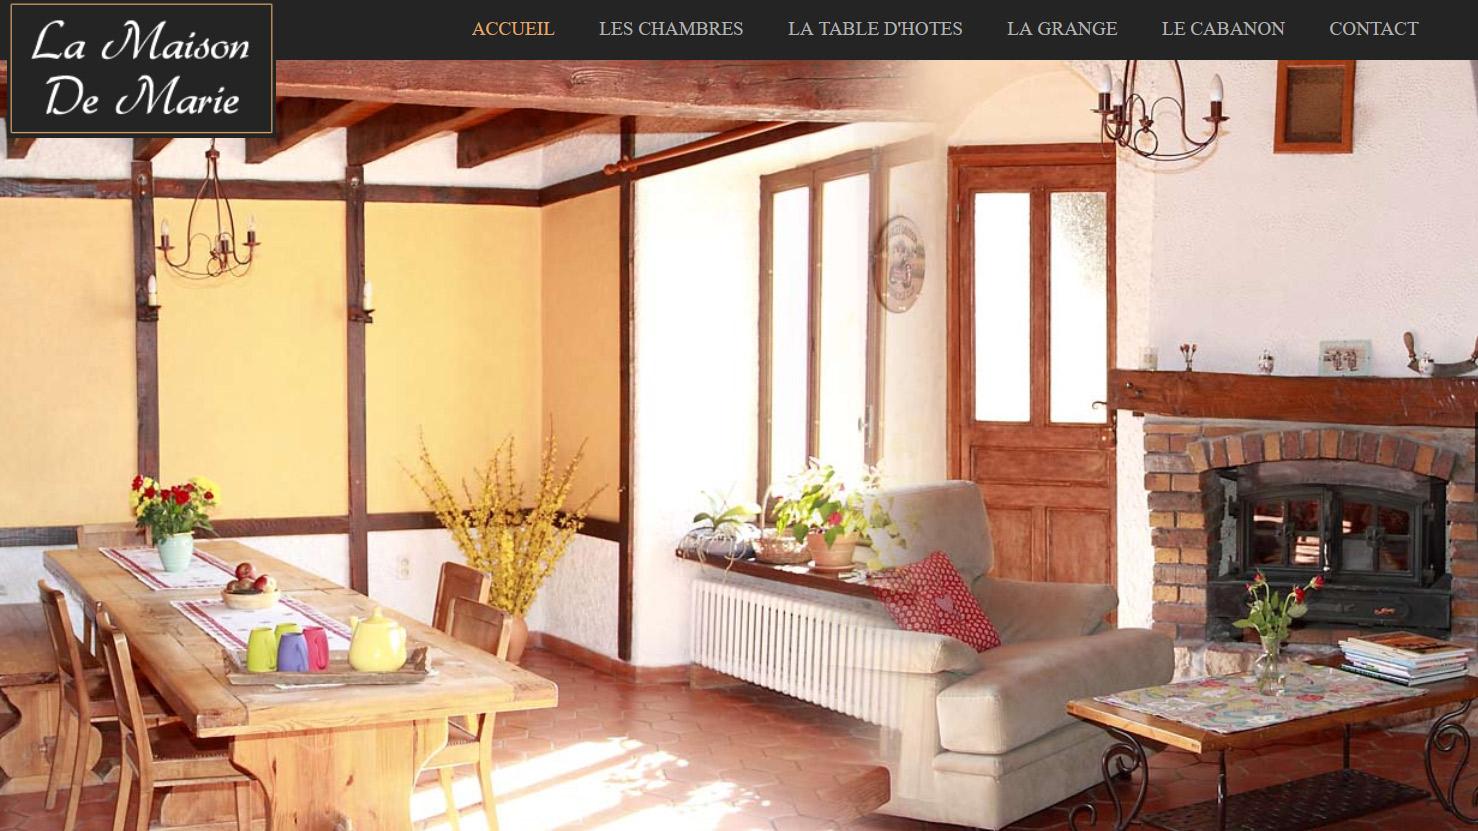 Maison de Marie Doussard